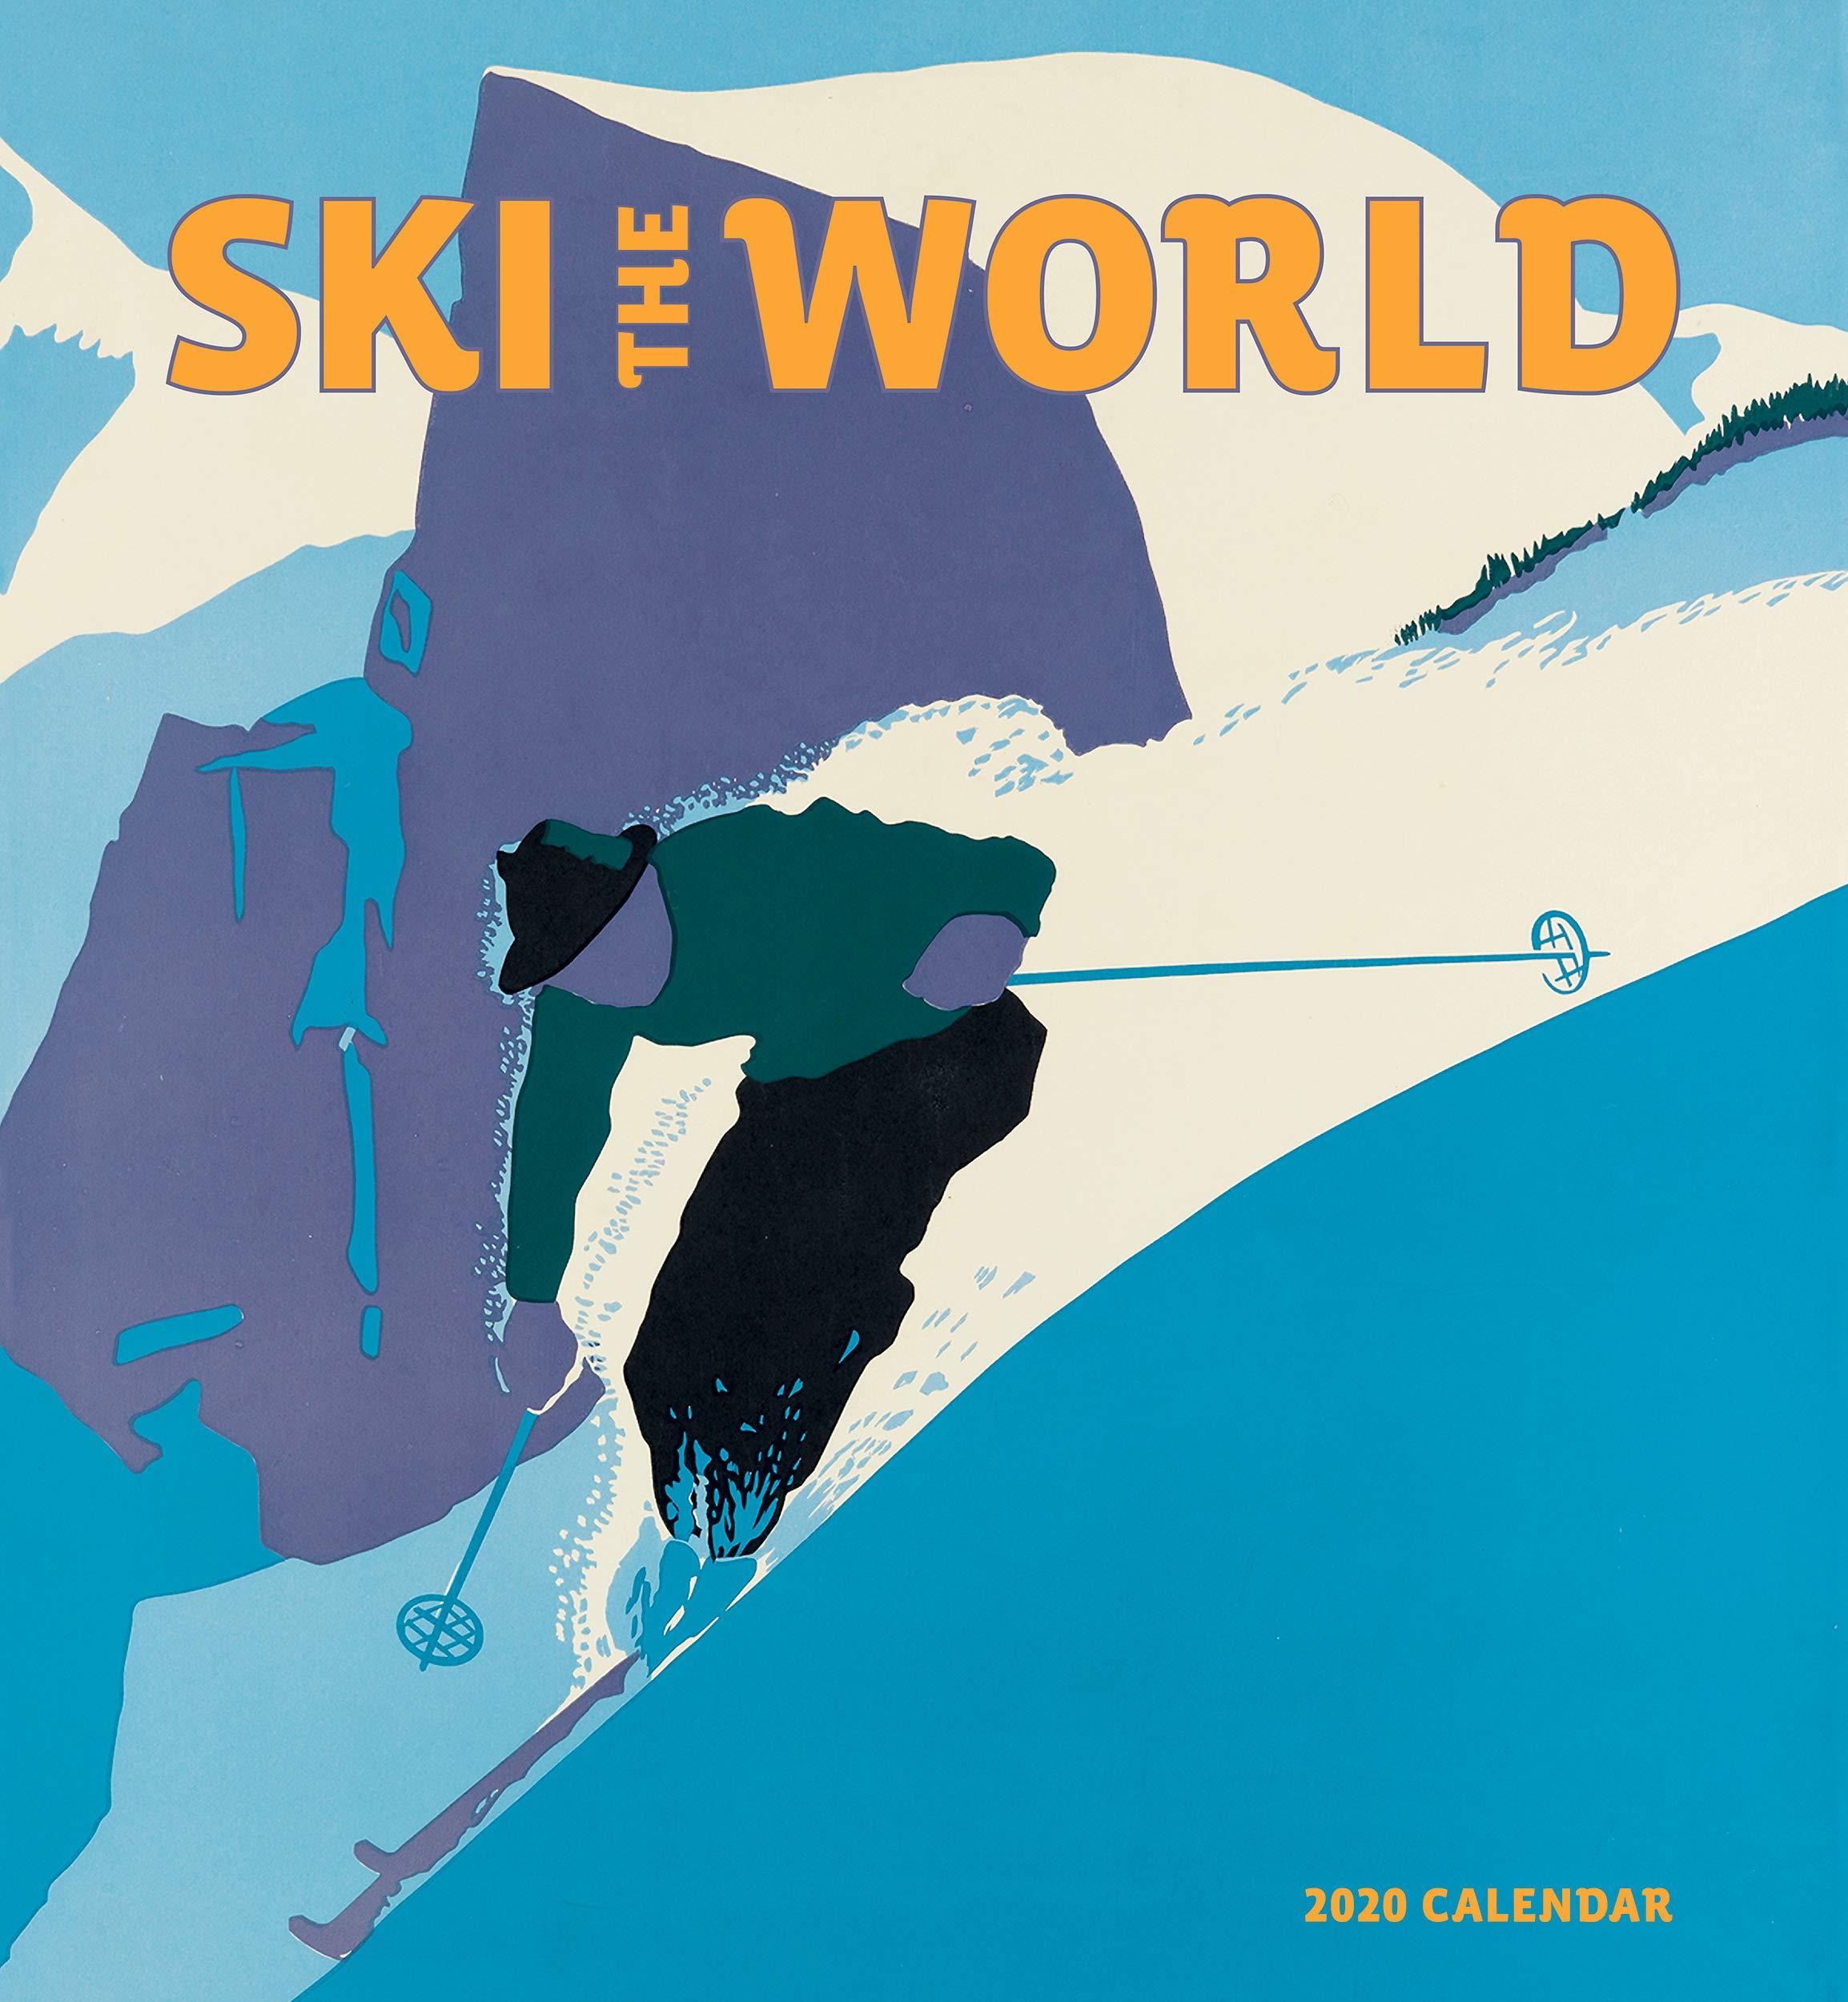 Ski the World 2020